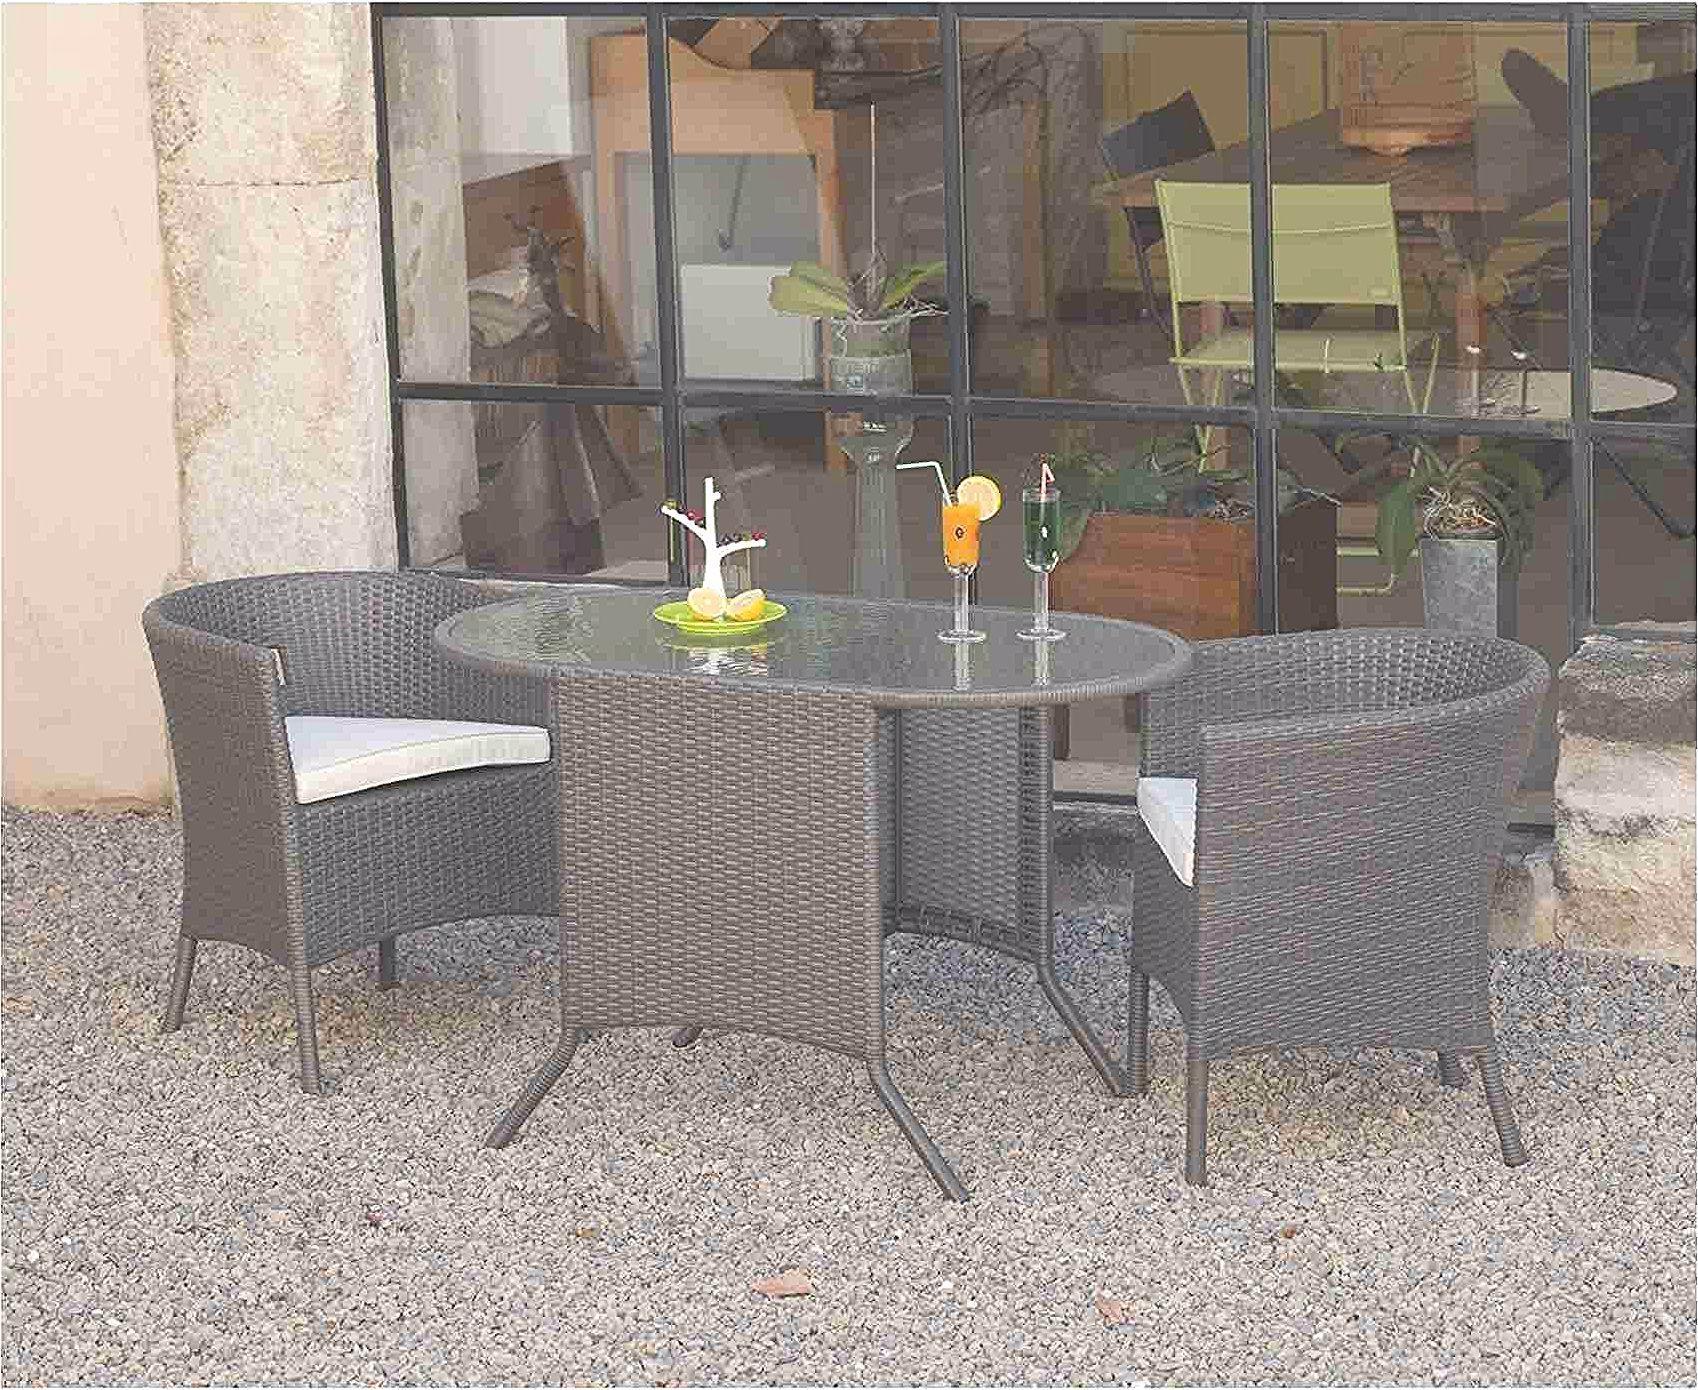 79 Glamorous Mobilier Jardin Leclerc | Outdoor Furniture ... avec Table Et Chaises De Jardin Leclerc